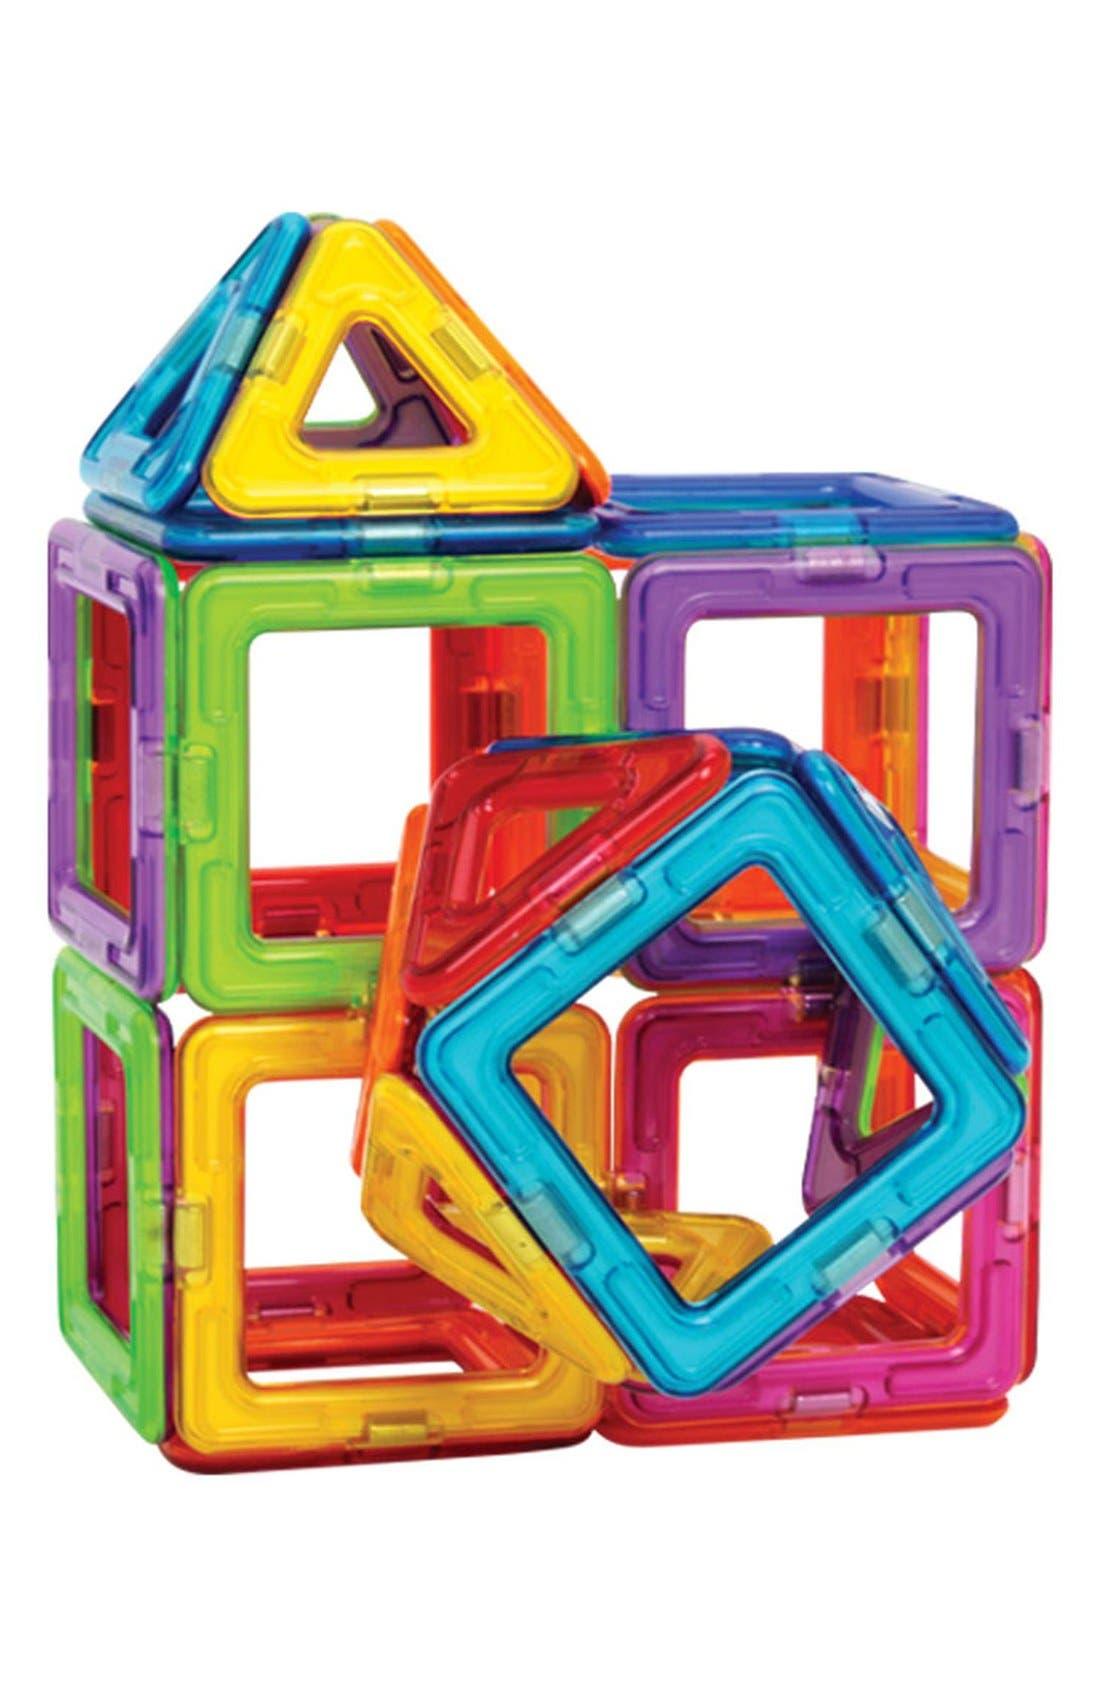 'Standard' Magnetic 3D Construction Set,                             Alternate thumbnail 3, color,                             Rainbow